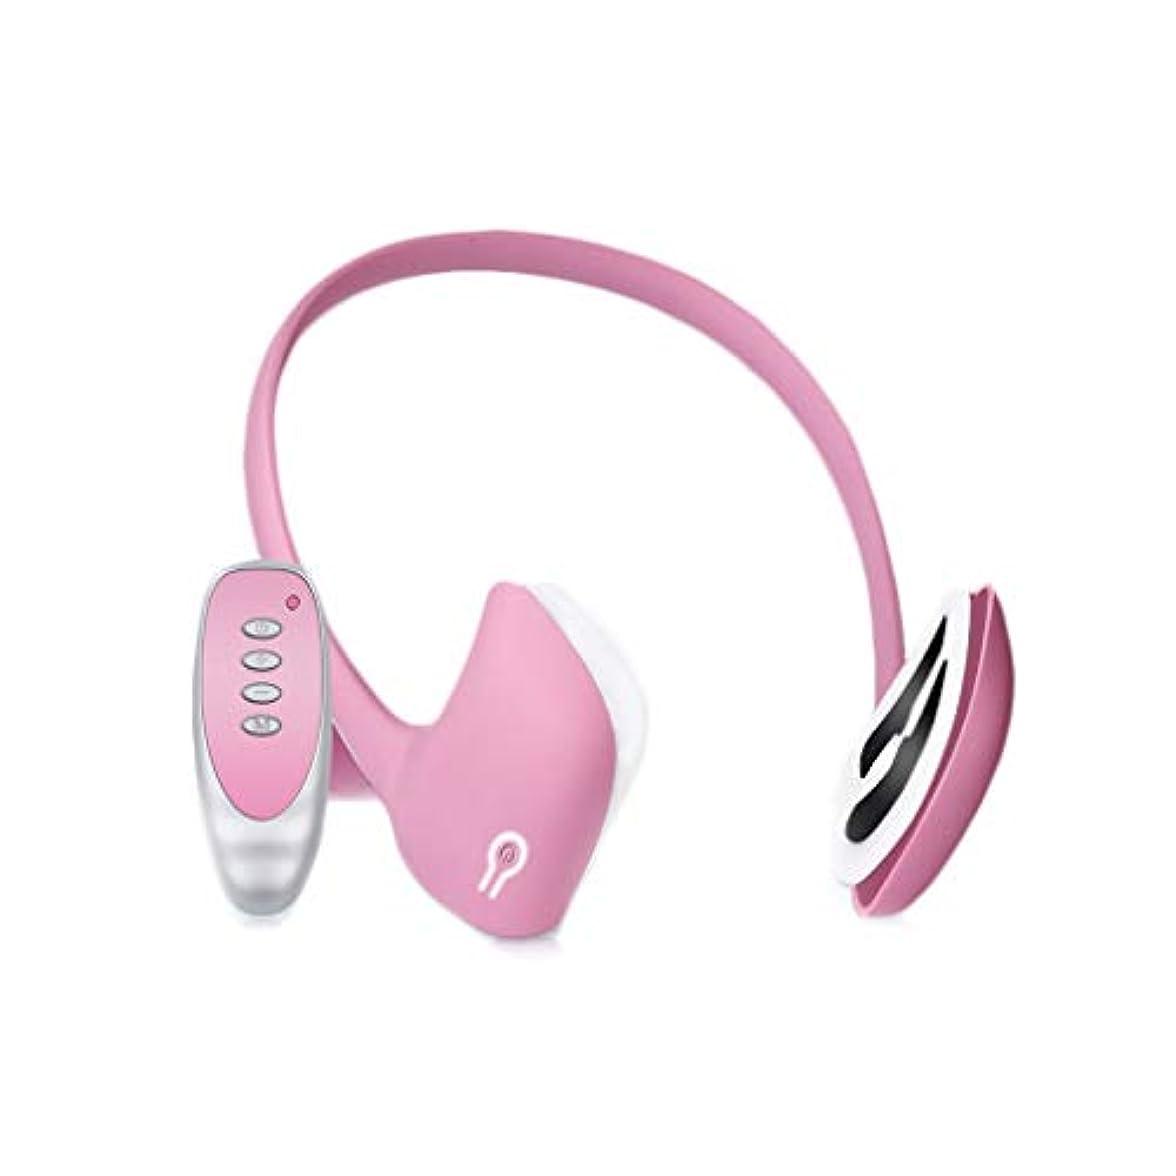 孤独な石油ロータリーXHLMRMJ フェイスリフティング器具、電動ツールマッサージャー、頬骨の薄い顔の引き締めの改善、フェイスブレース、多機能リフティング、男性と女性の両方に適しています (Color : Pink)